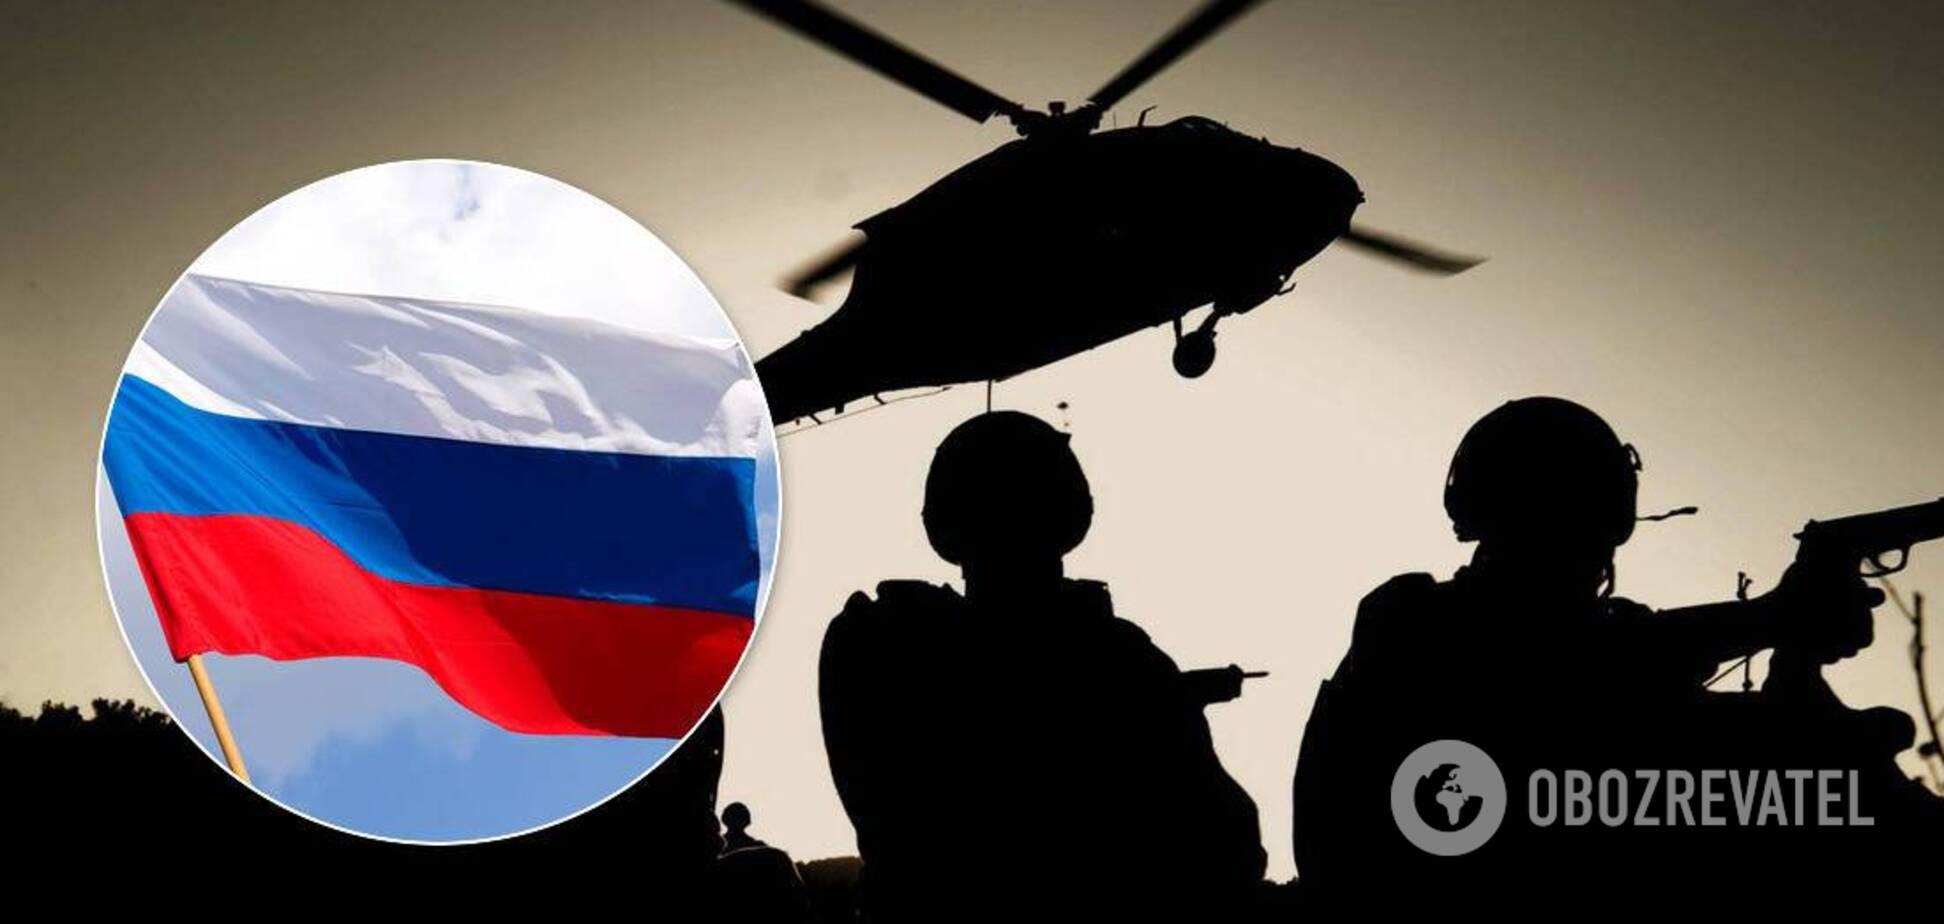 В 'політичній боротьбі' Росія готова повернутися до методів терориста Судоплатова